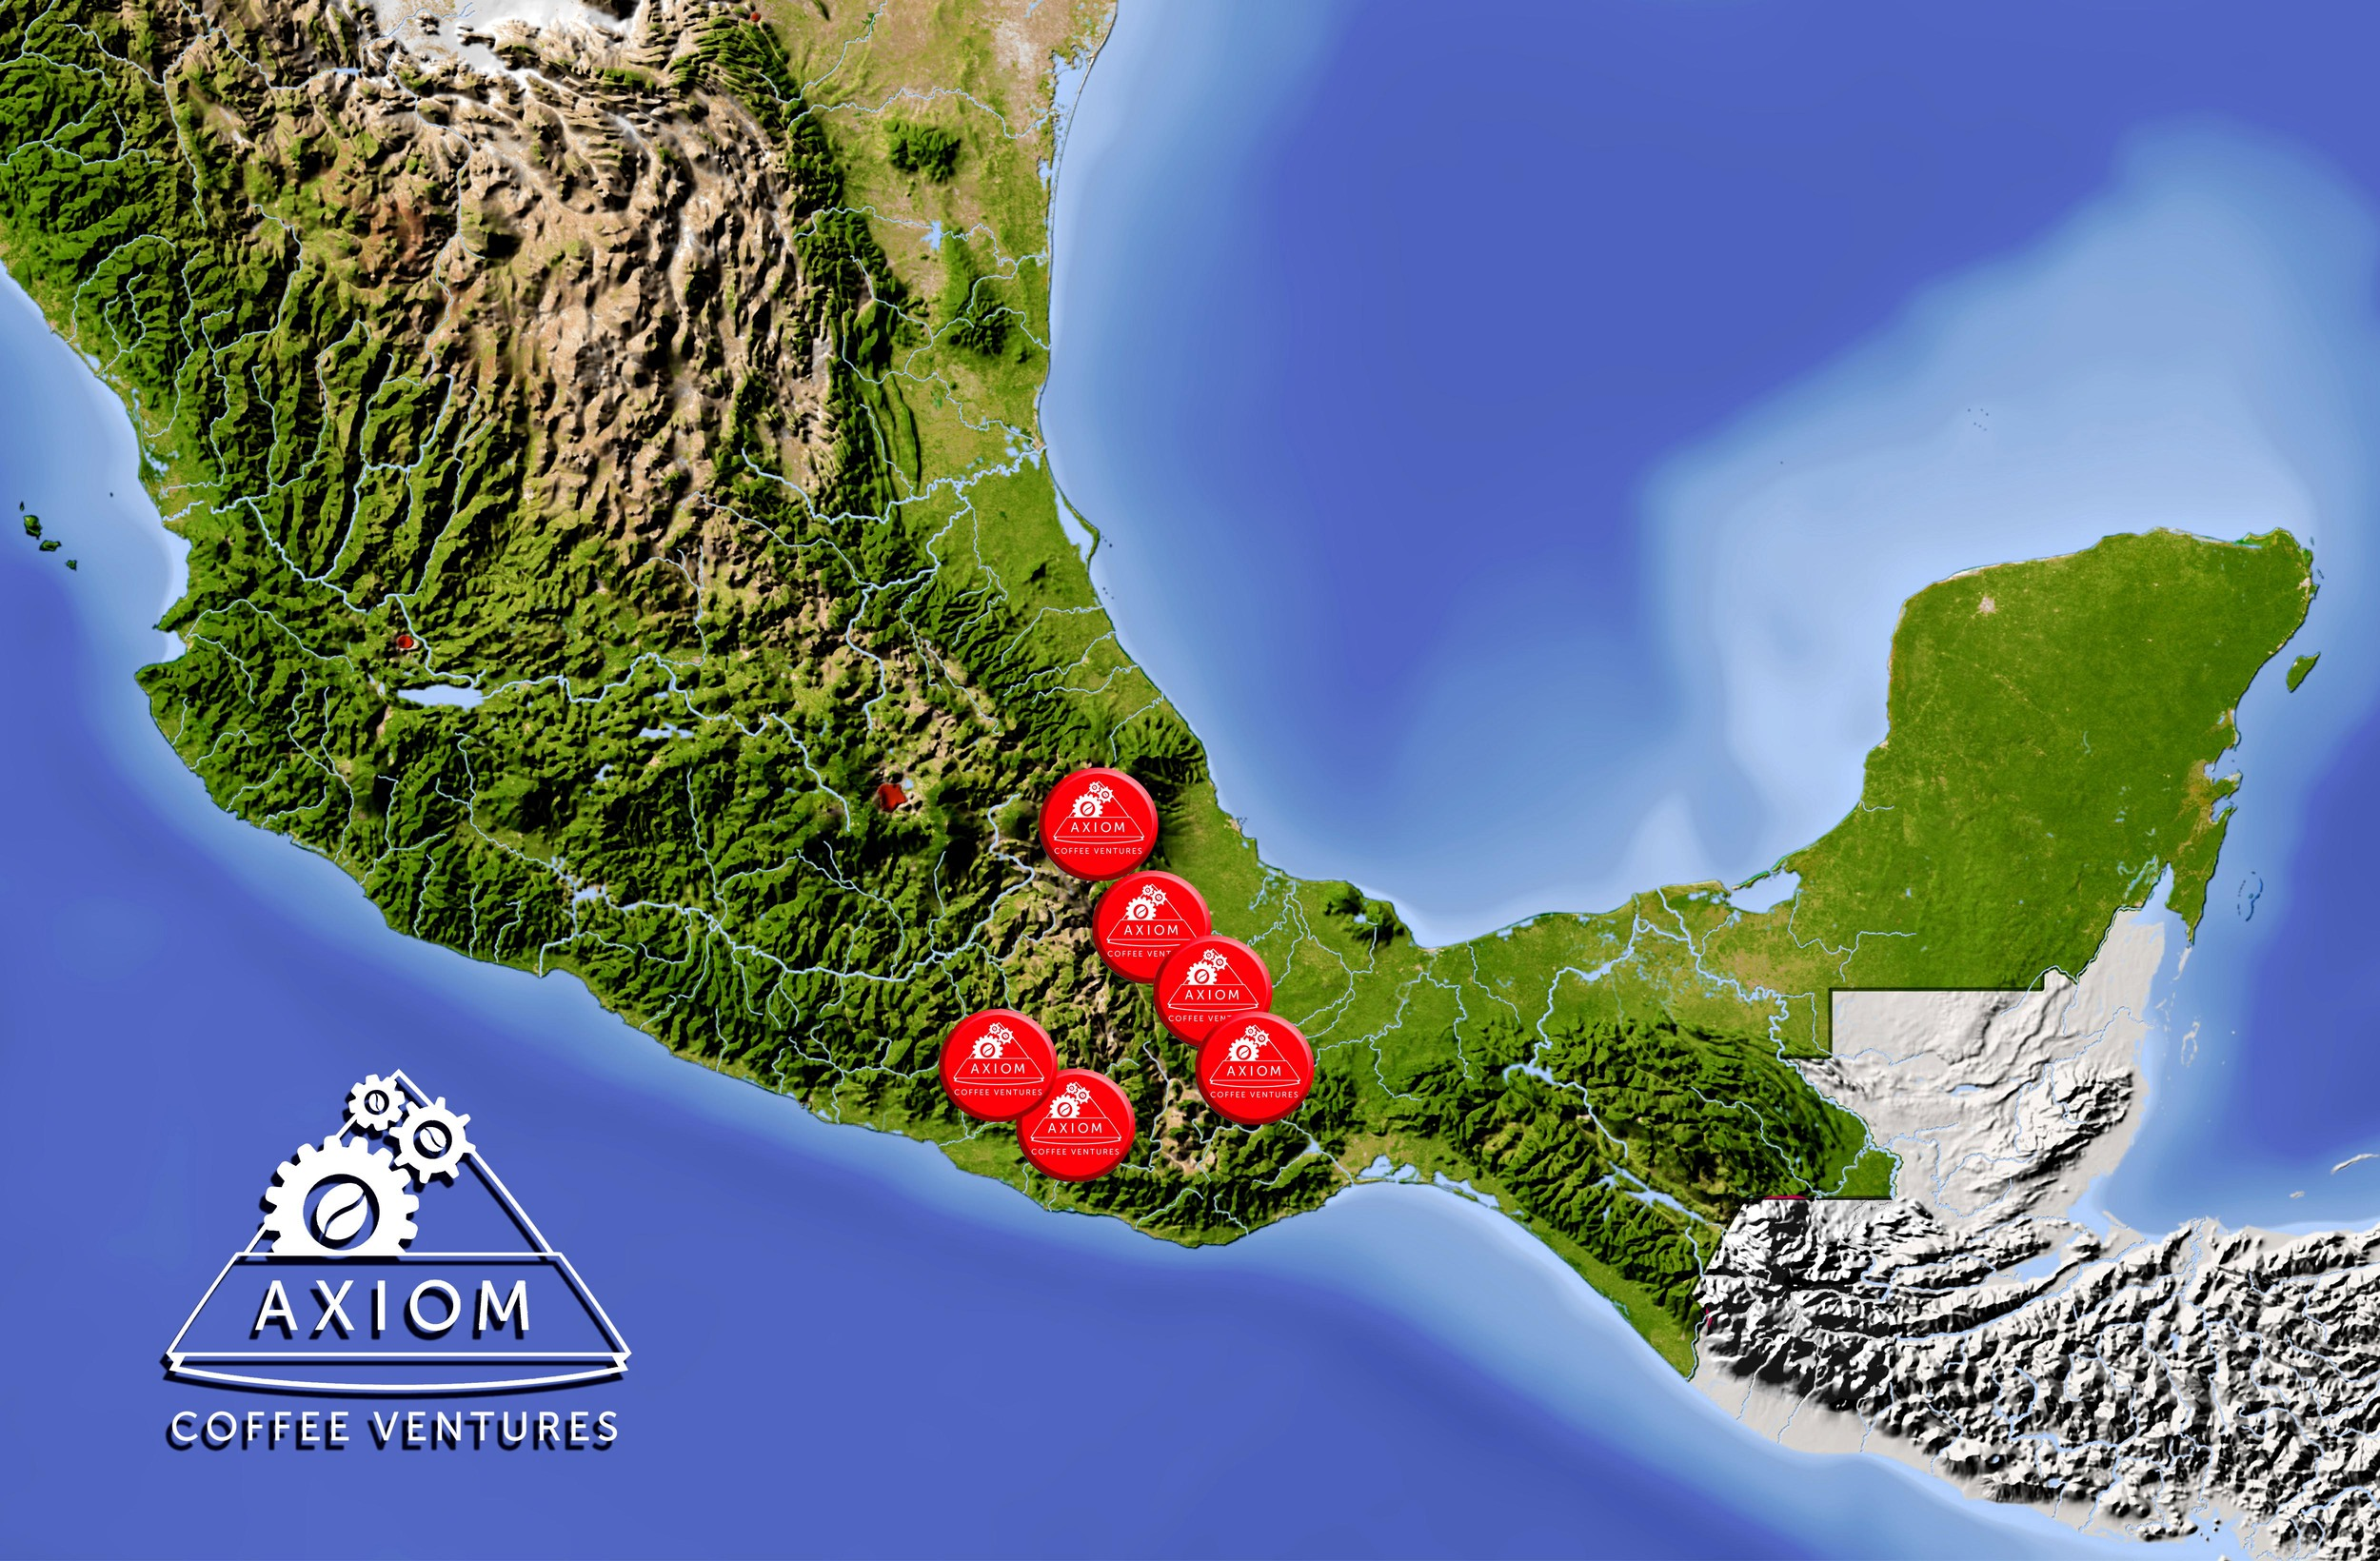 AXIOM Mexico